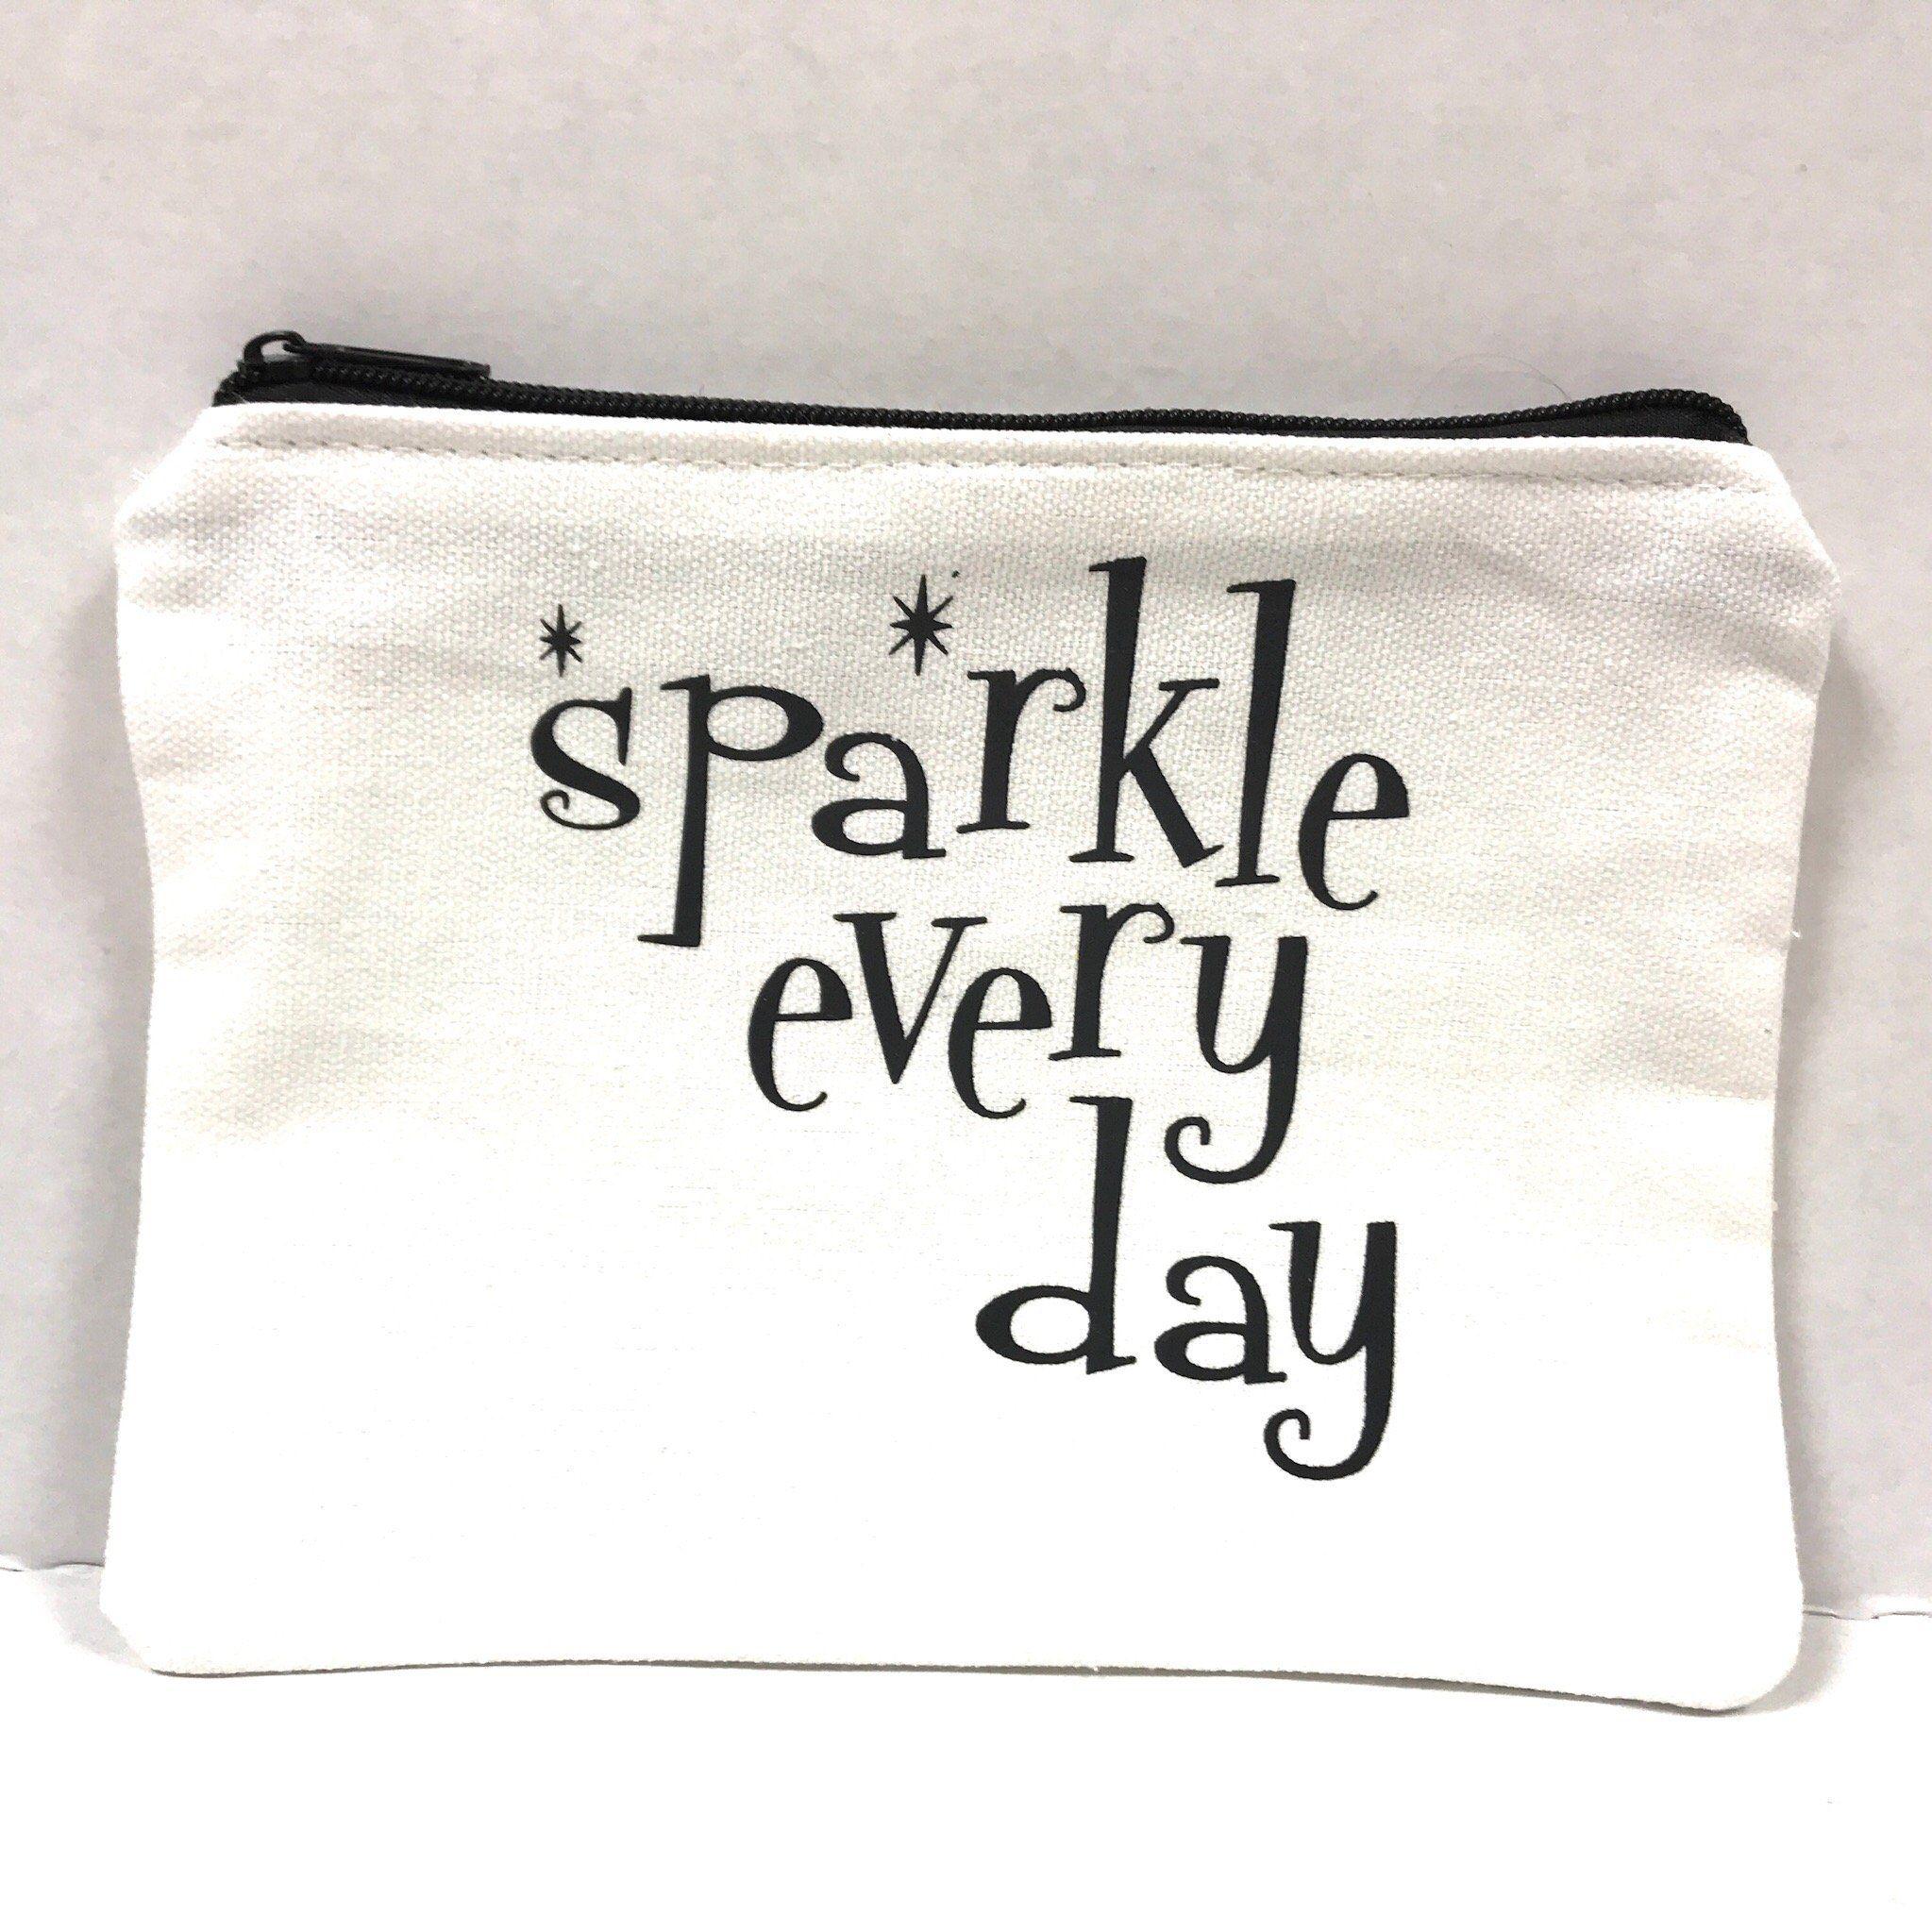 Sparkle Every Day Makeup Bag Diy Makeup Bag Makeup Bag Quote